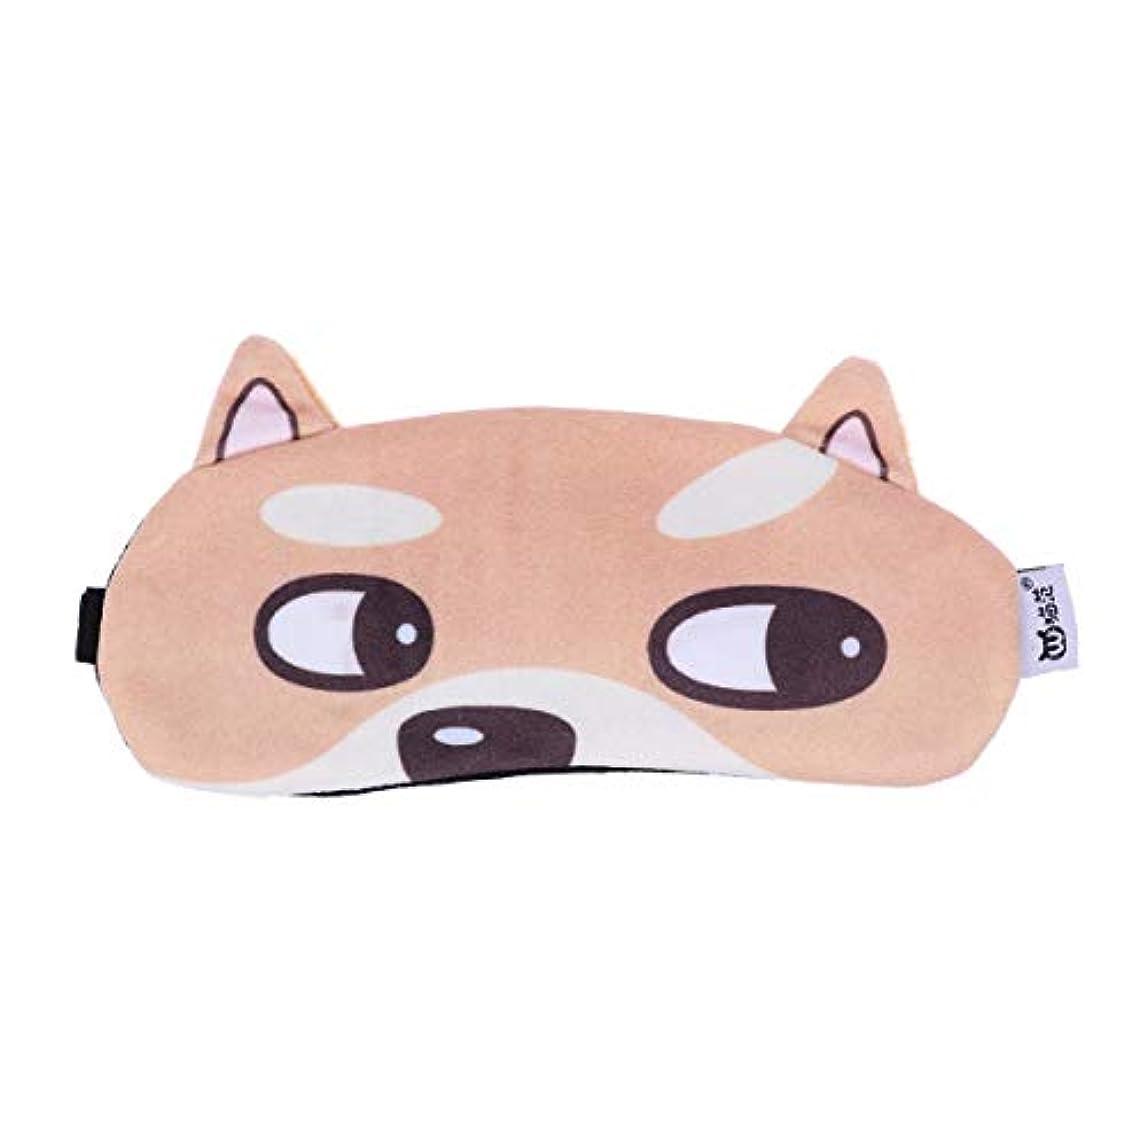 違うかけるスペースHealifty アイマスク ゲル アイスパッド アイスアイマスク 目隠し リラックス 冷却 パック 再使用可能 目の疲れ軽減 安眠 血行促進(犬)